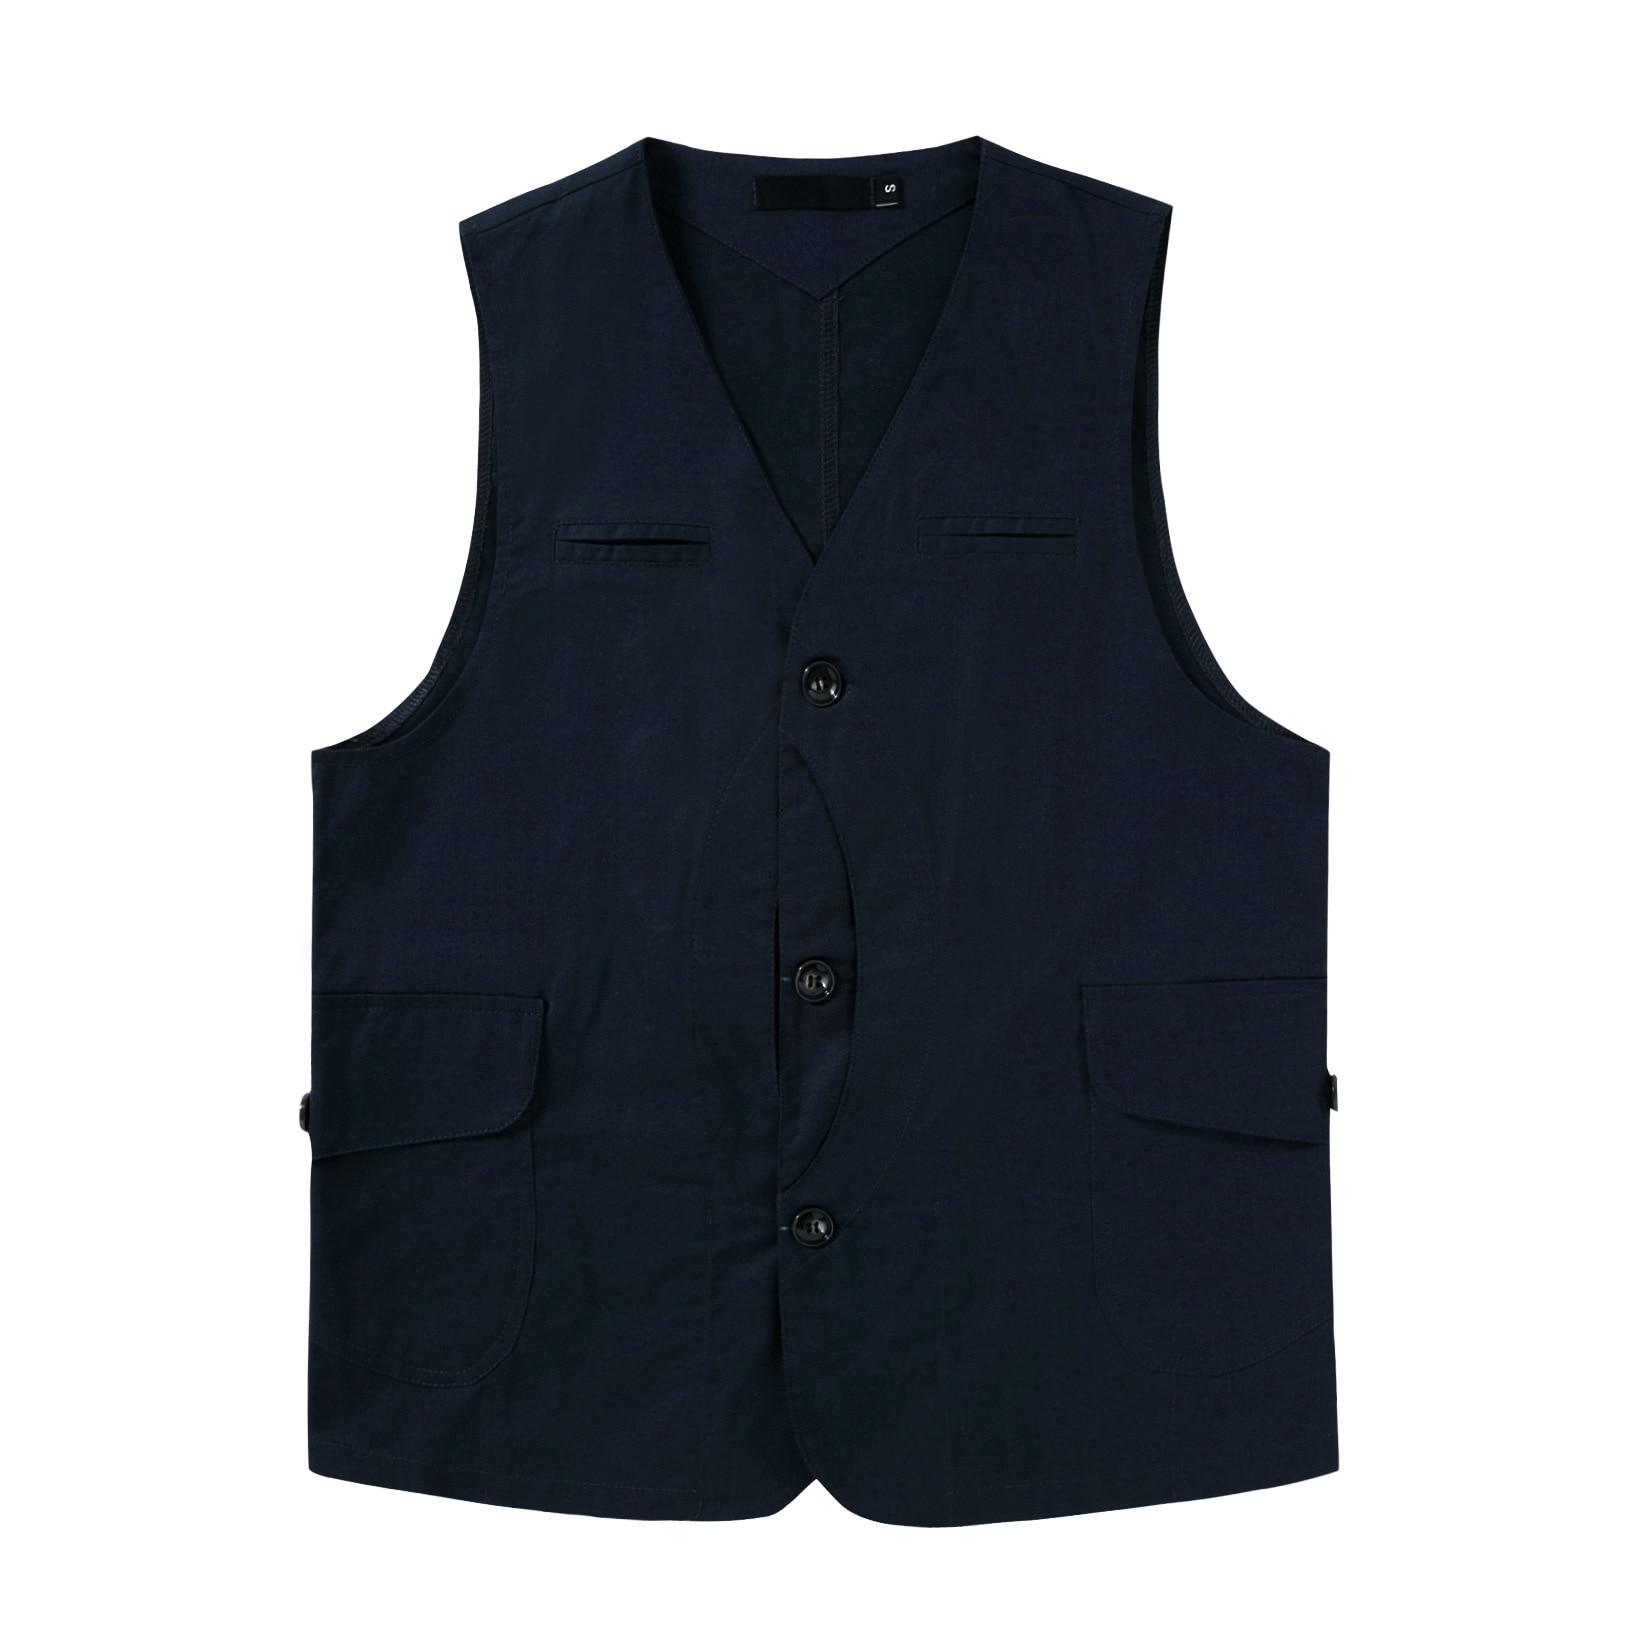 LUCLESAM, Мужская японская Повседневная хлопковая жилетка с несколькими карманами, куртка-карго Amekaji без рукавов, мужская безрукавка